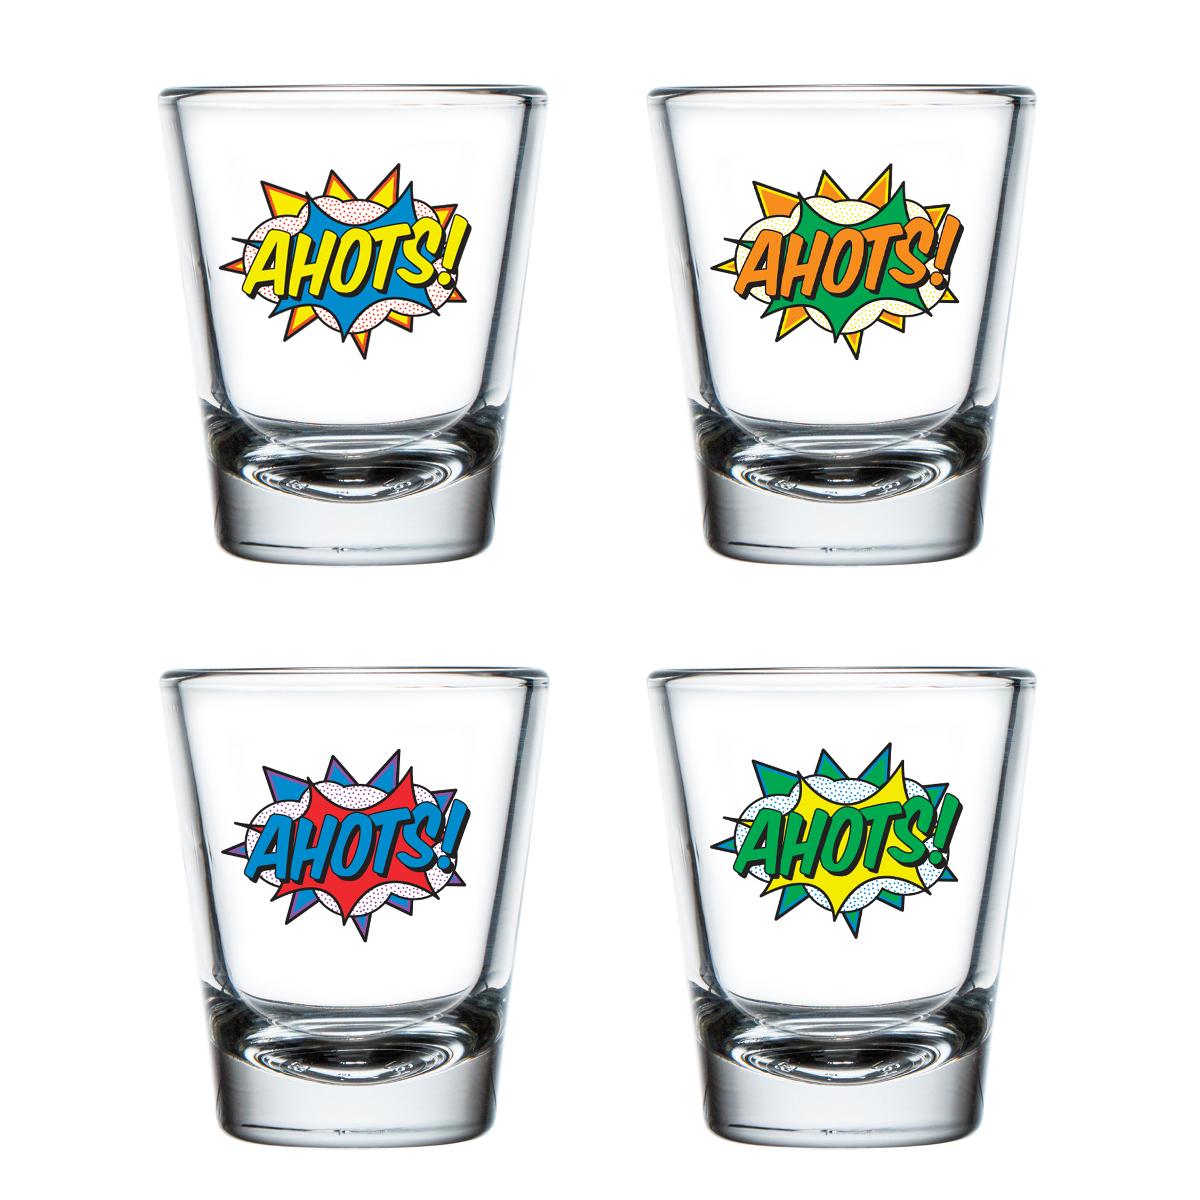 Ahots Shot Glass Set of 4